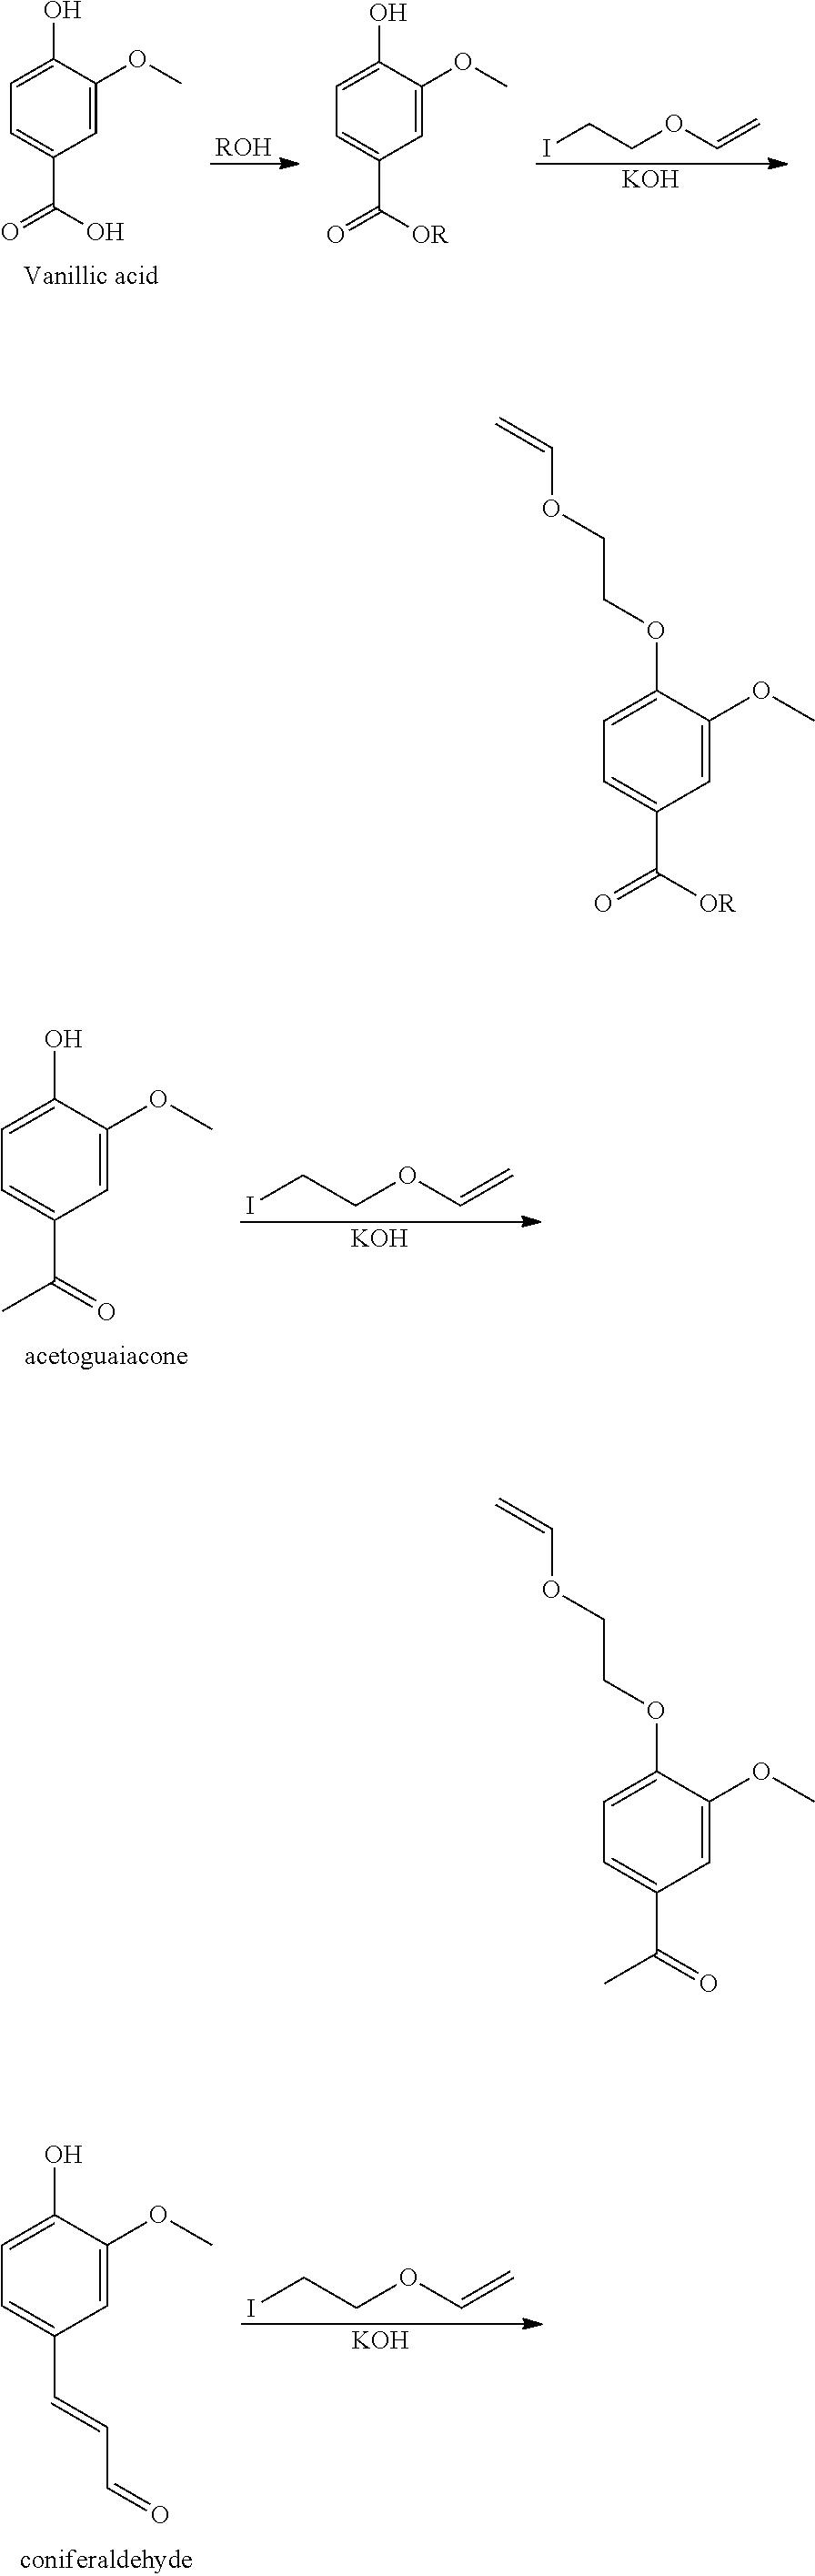 Figure US09630897-20170425-C00012